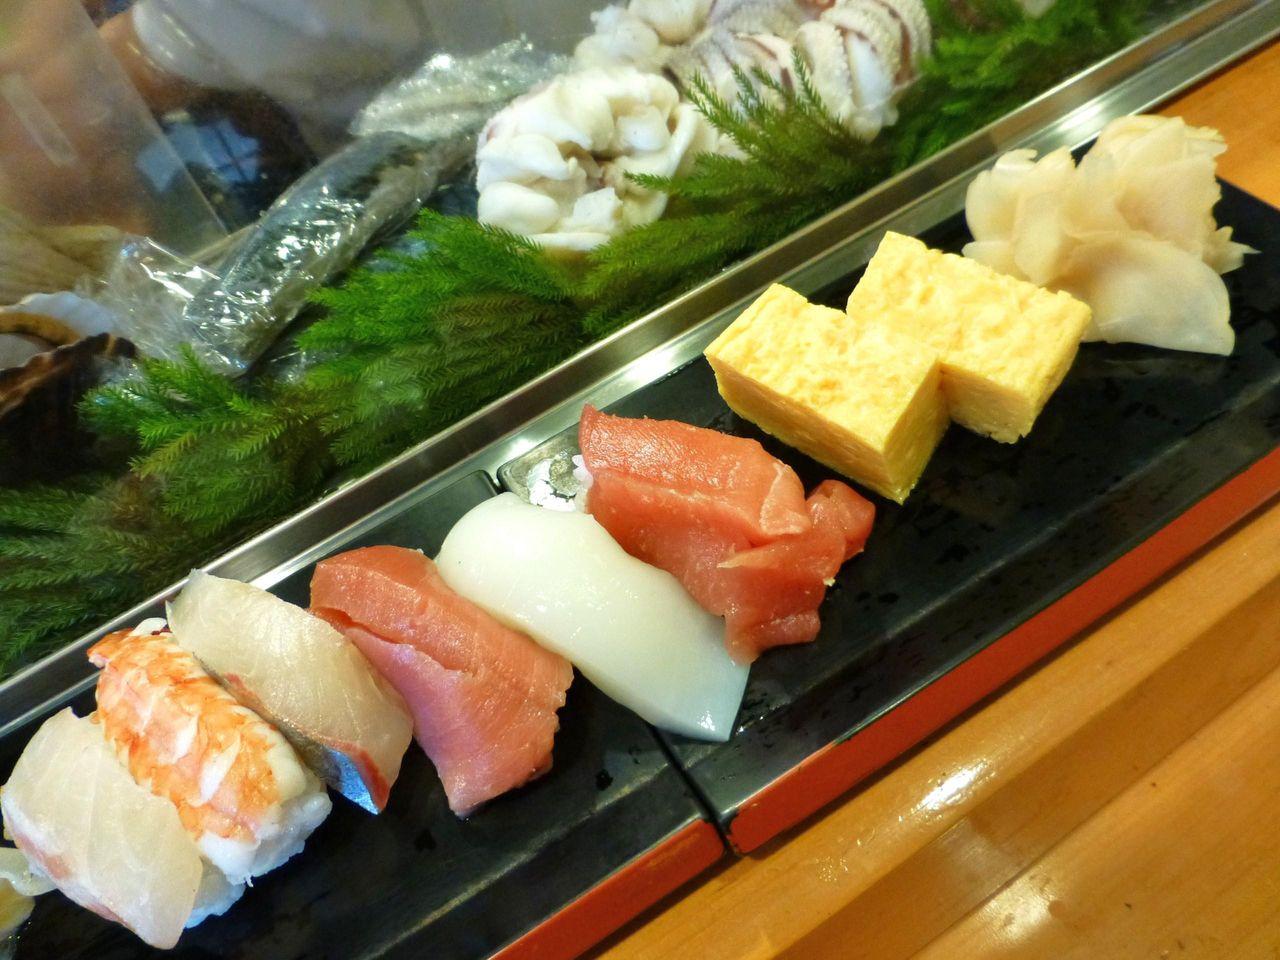 上寿司1,600円、イクラと鉄火巻も付いてます!